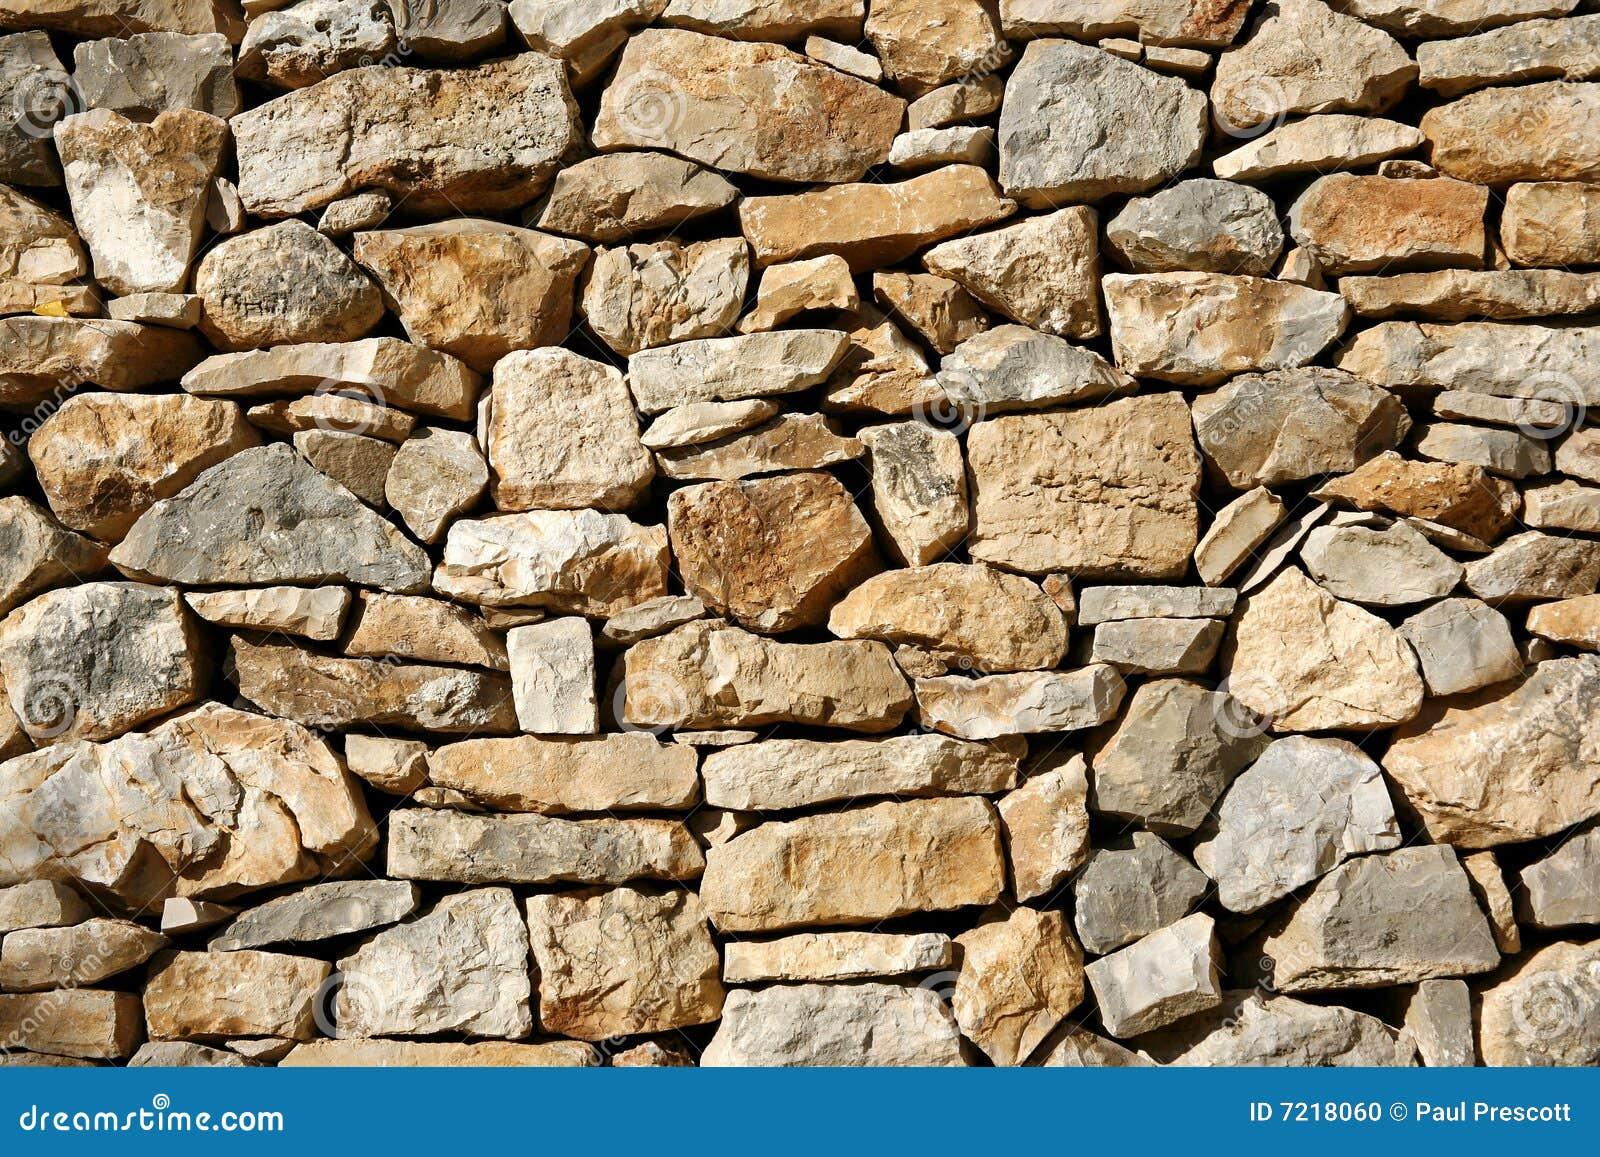 背景干燥石灰石岩石结构墙壁.